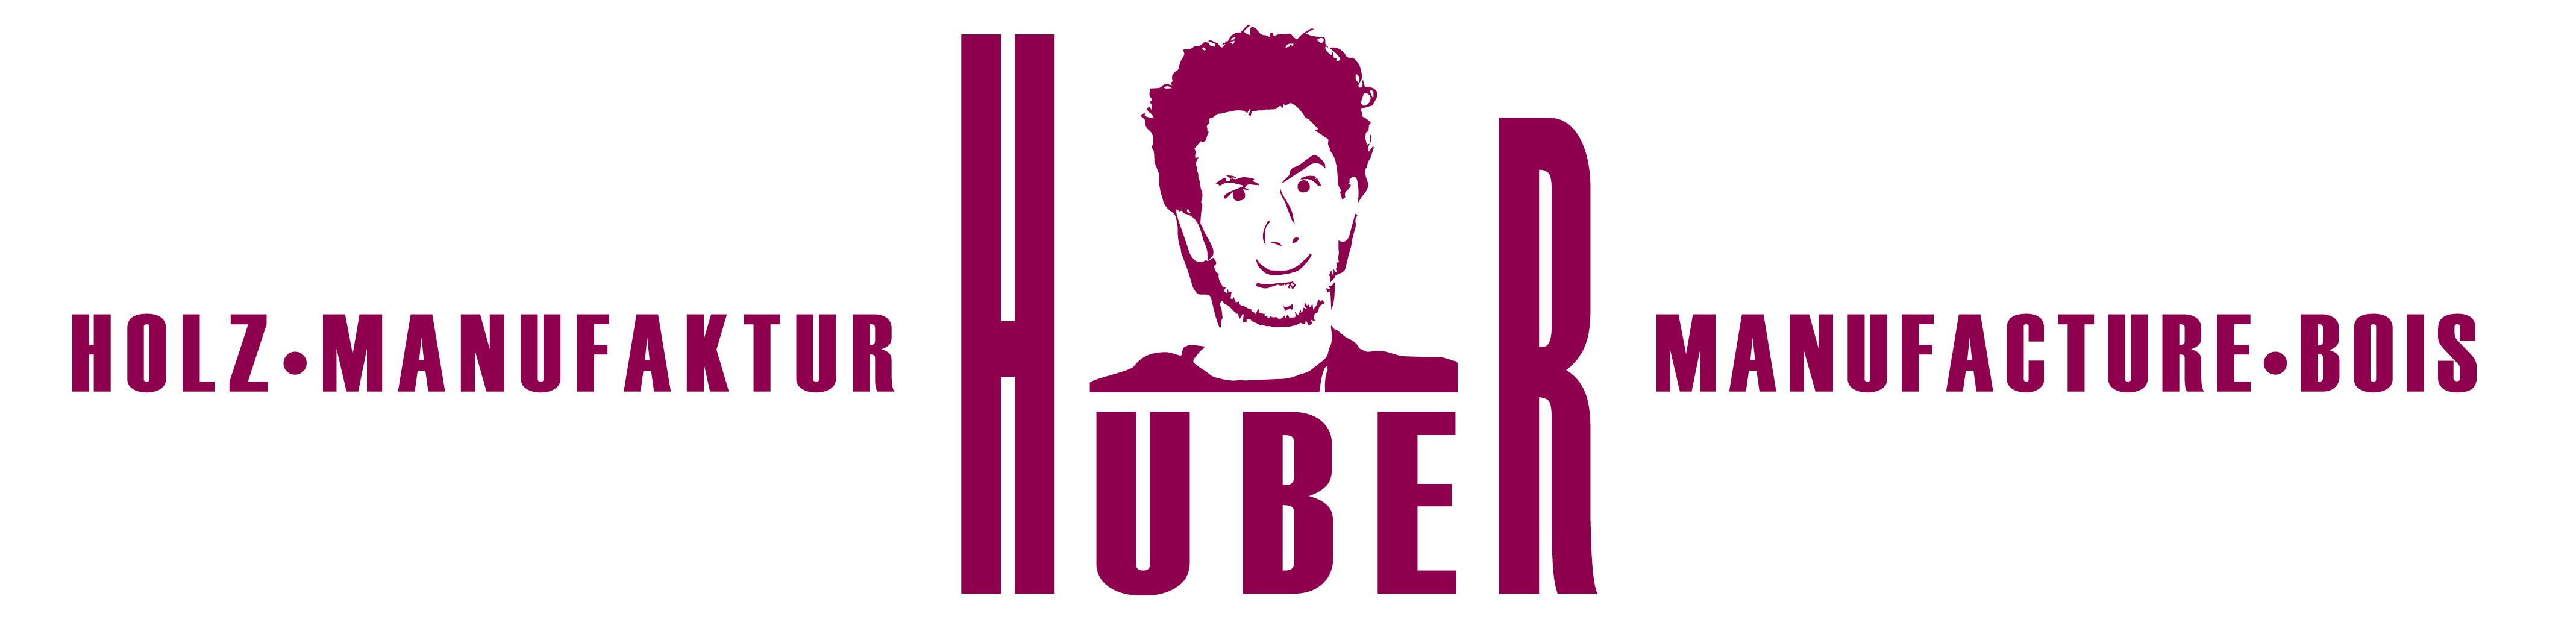 Web_Titel_Logo_Manufakturhuber